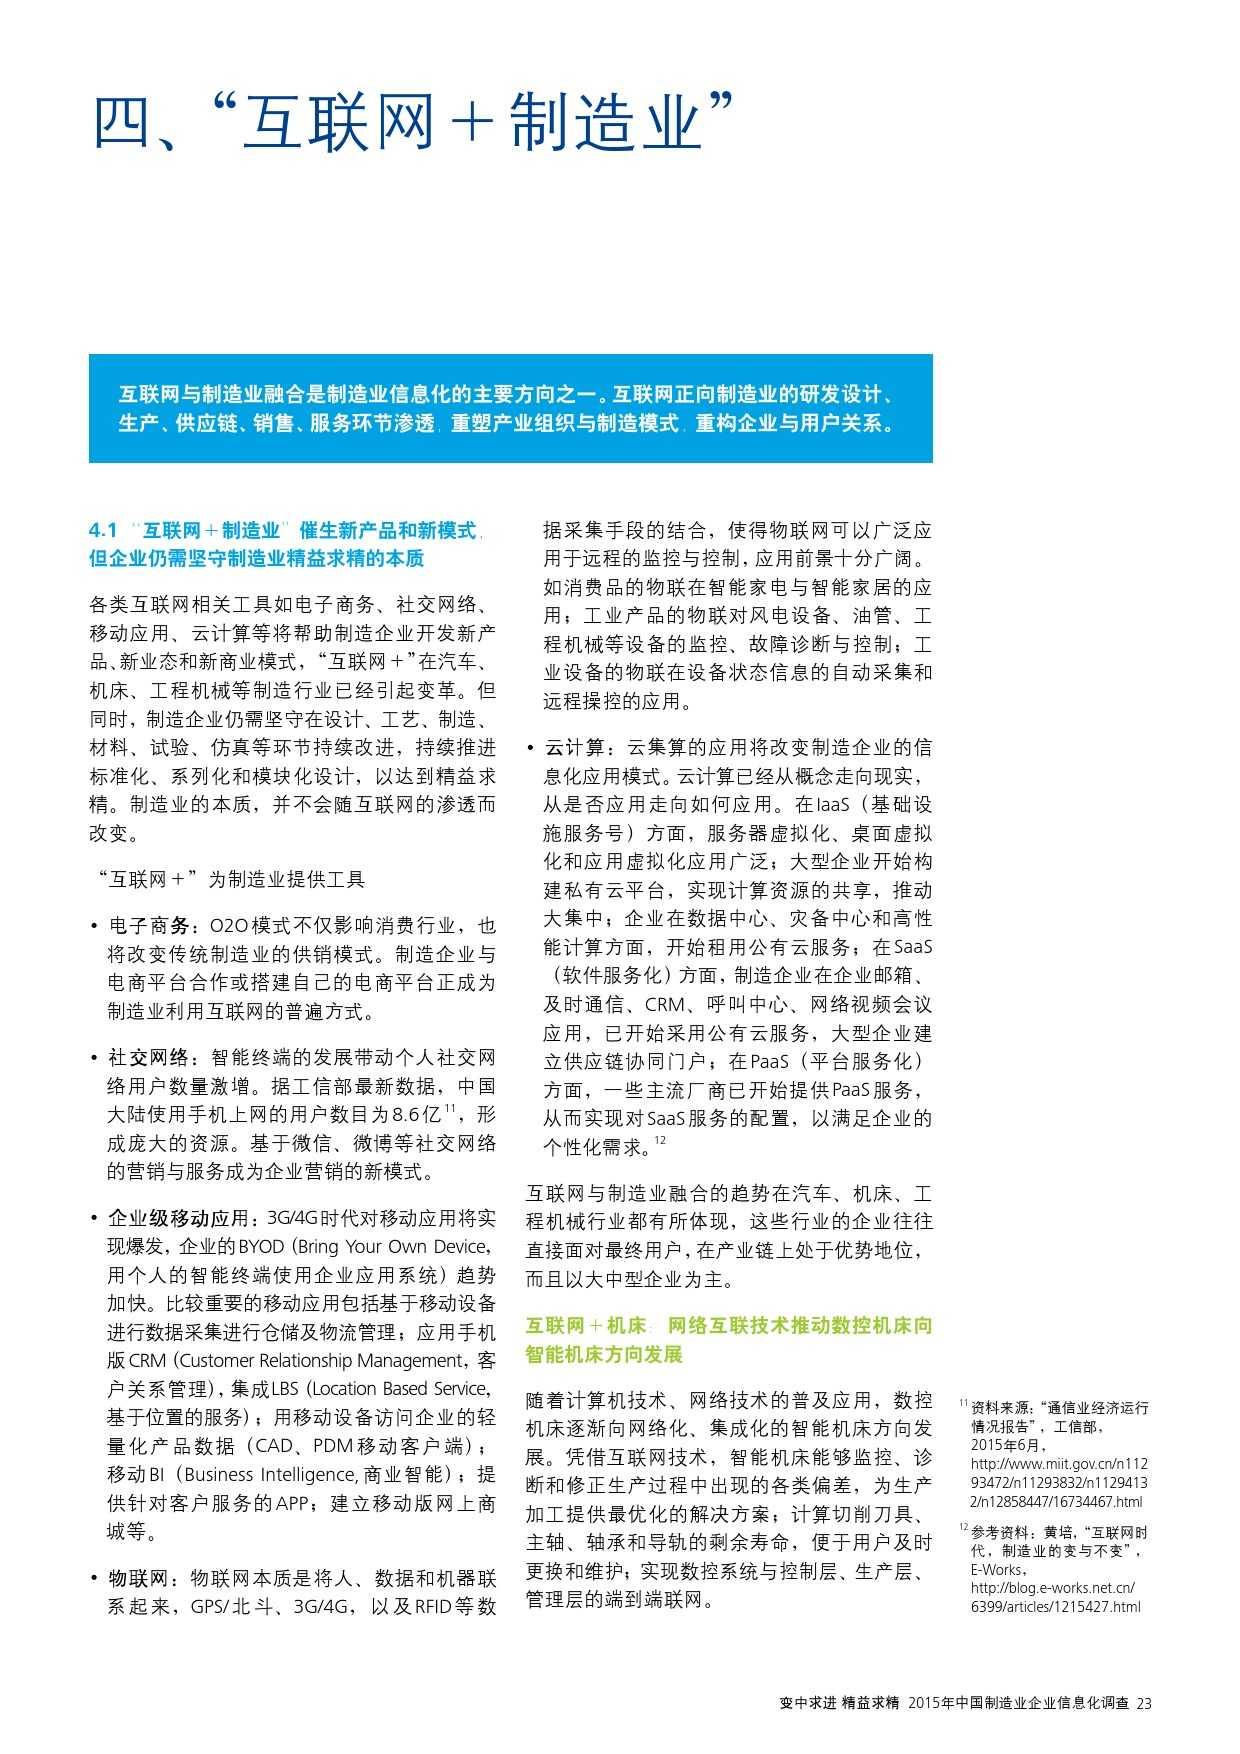 2015年中国制造业企业信息化调查_000025